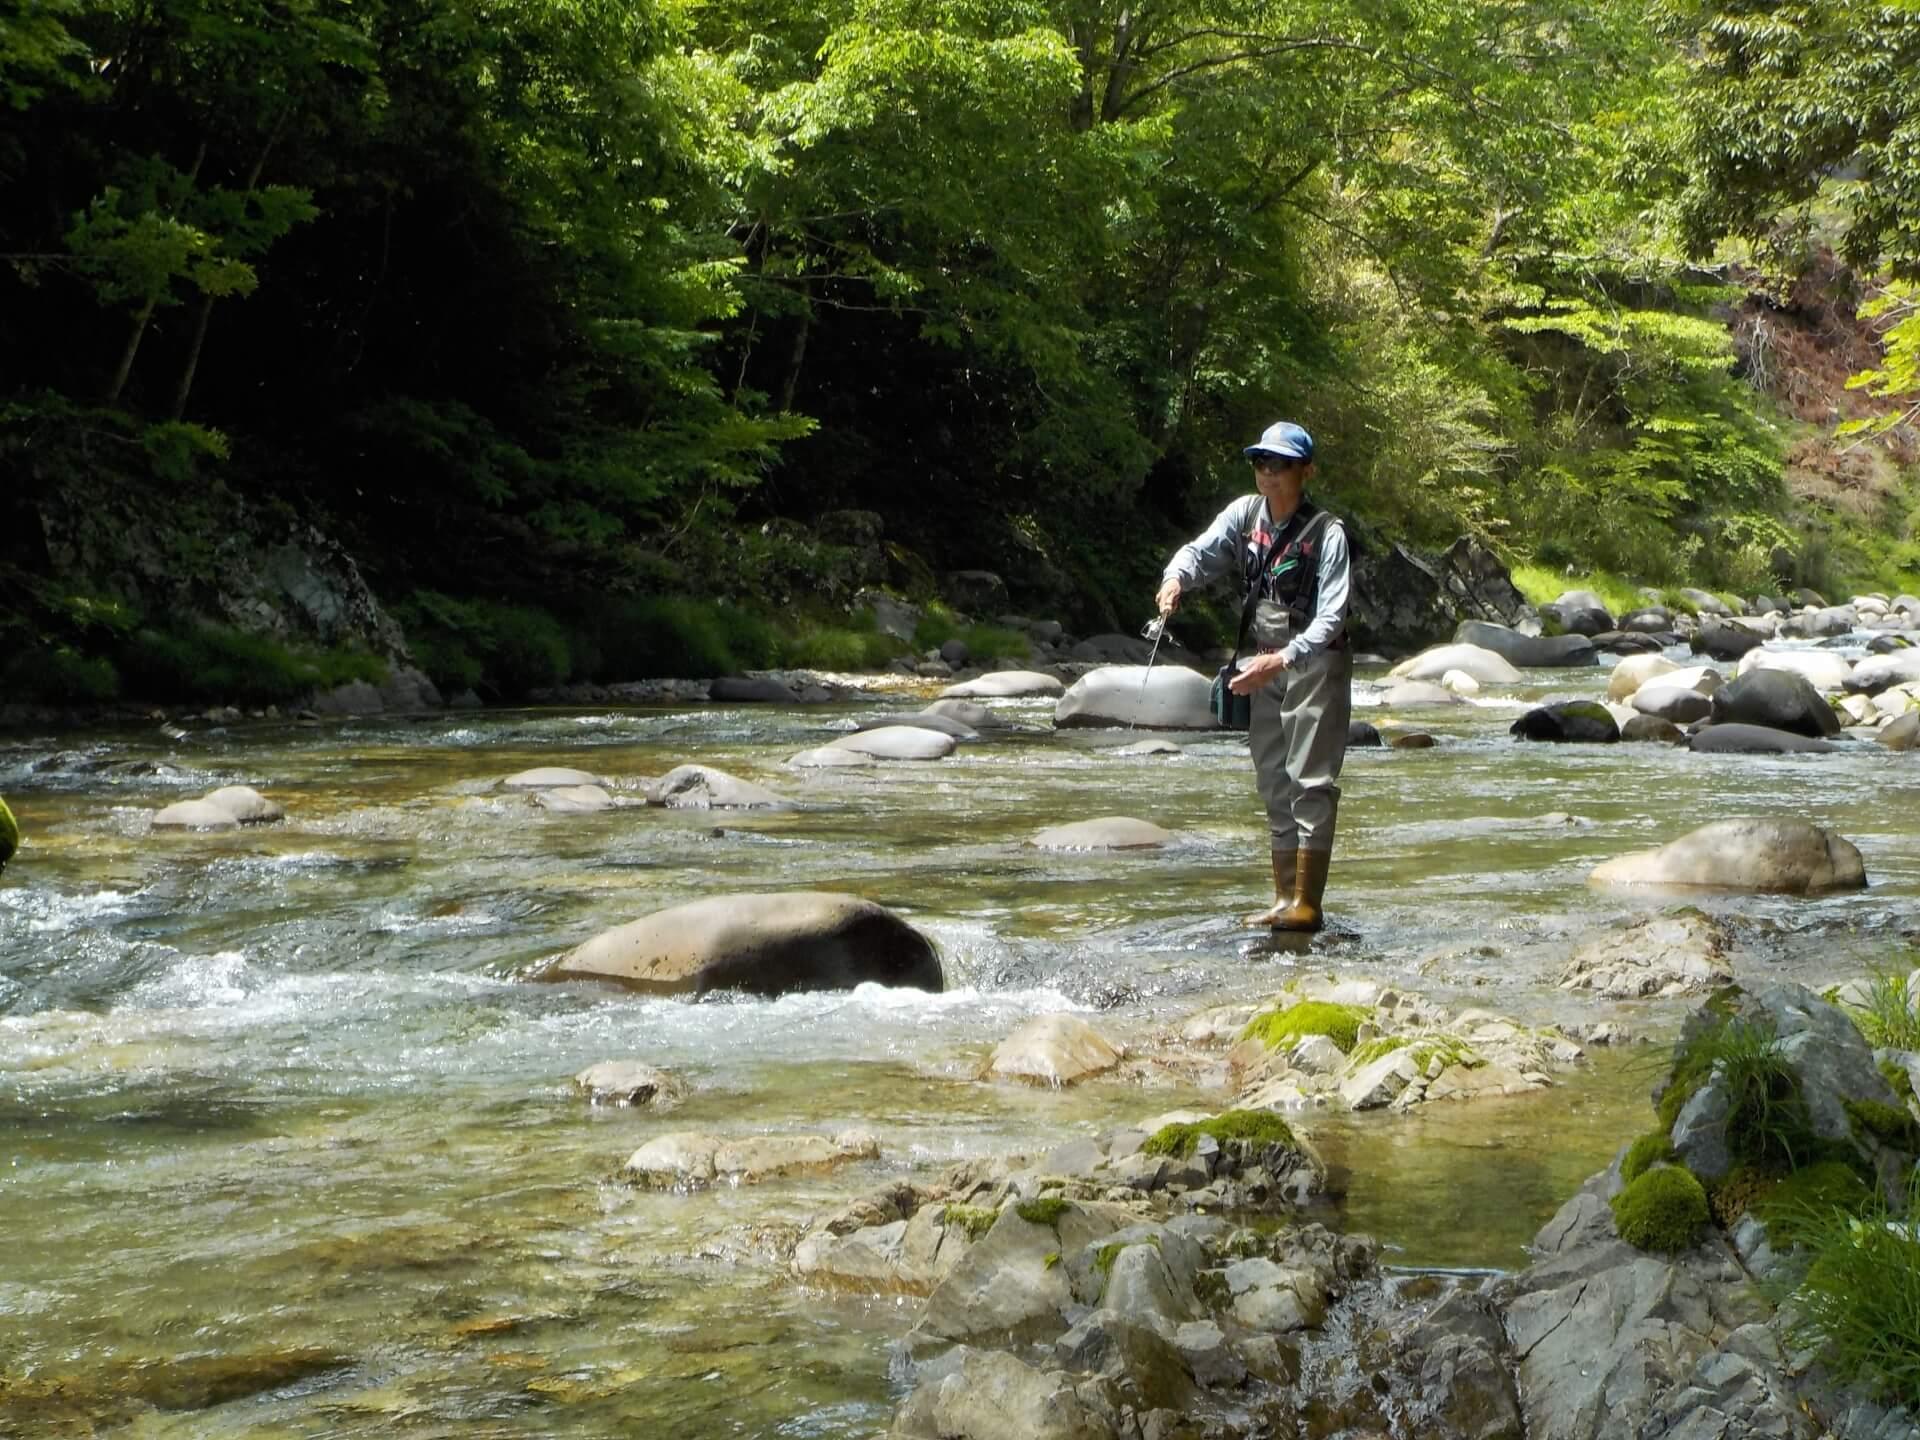 釣りをしている男性